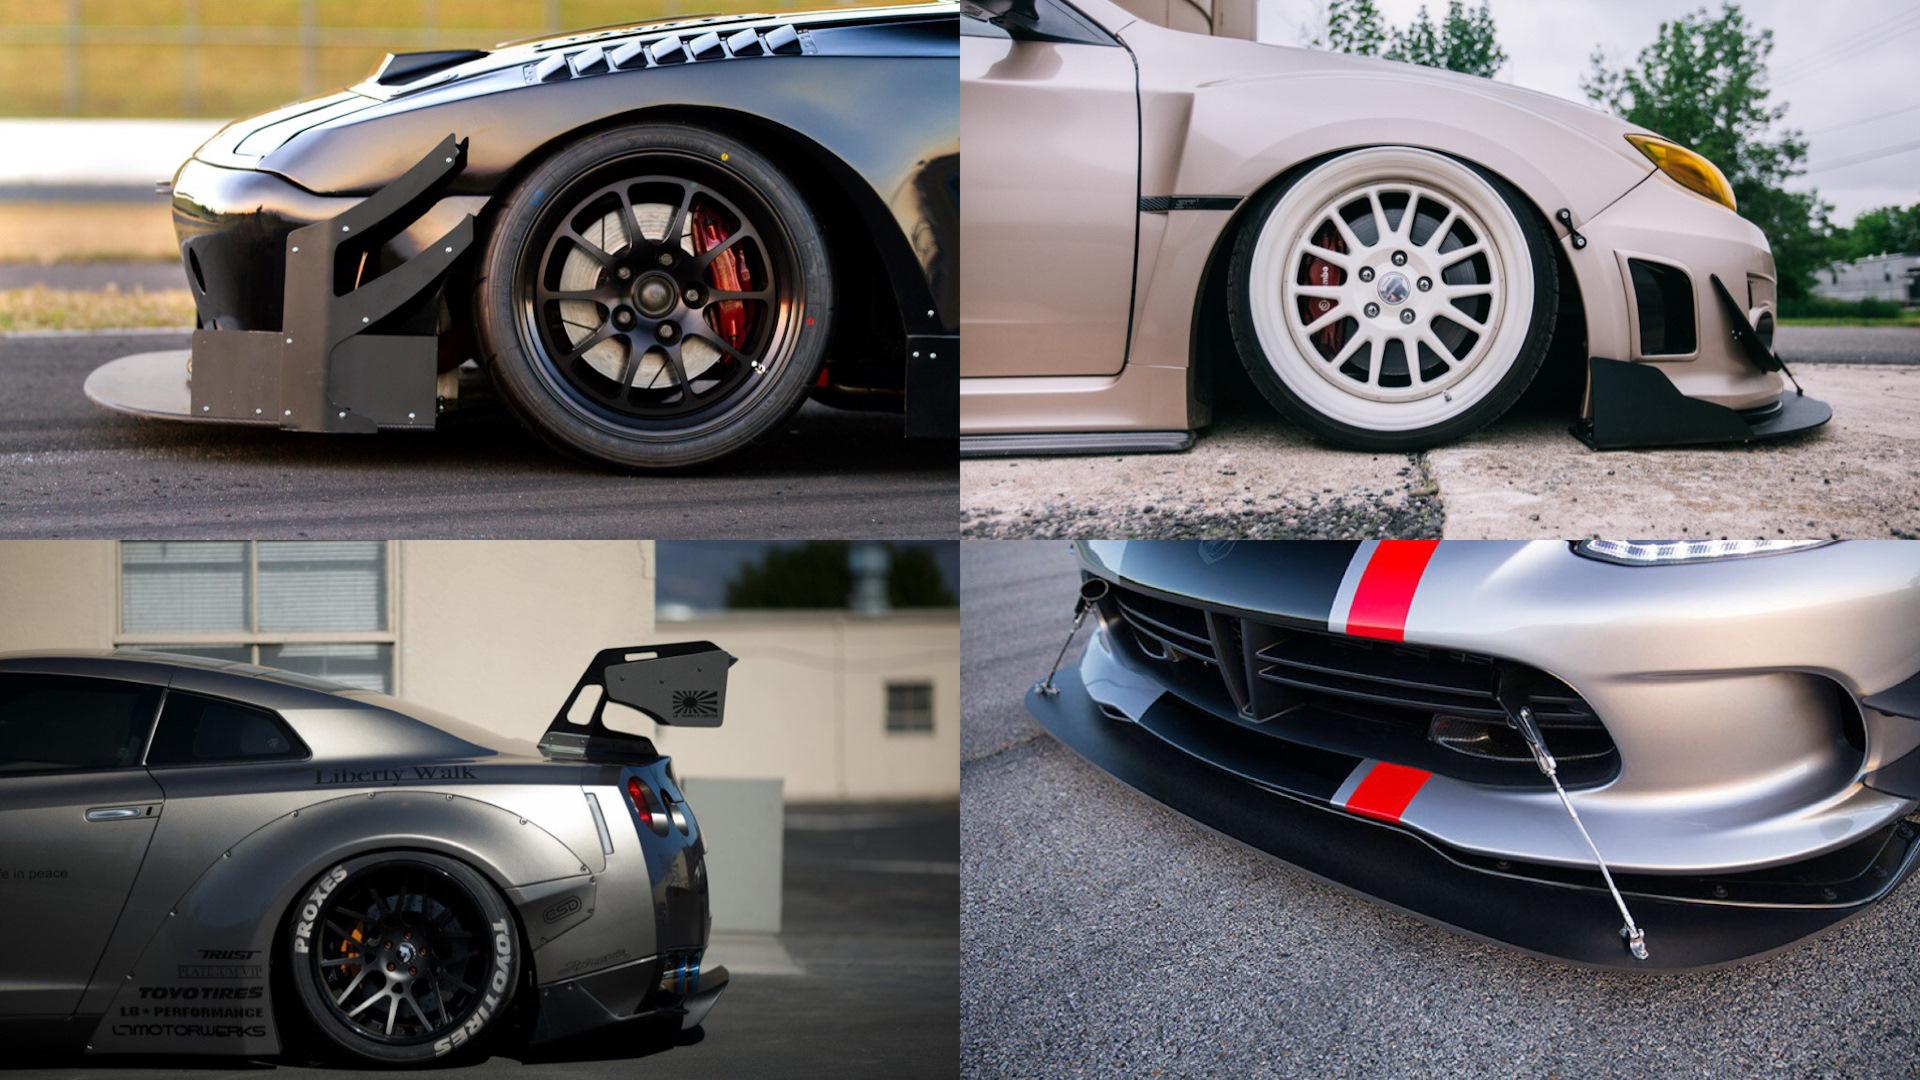 Примеры тюнинговой покраски автомобилей выставка тюнингованных авто 2013